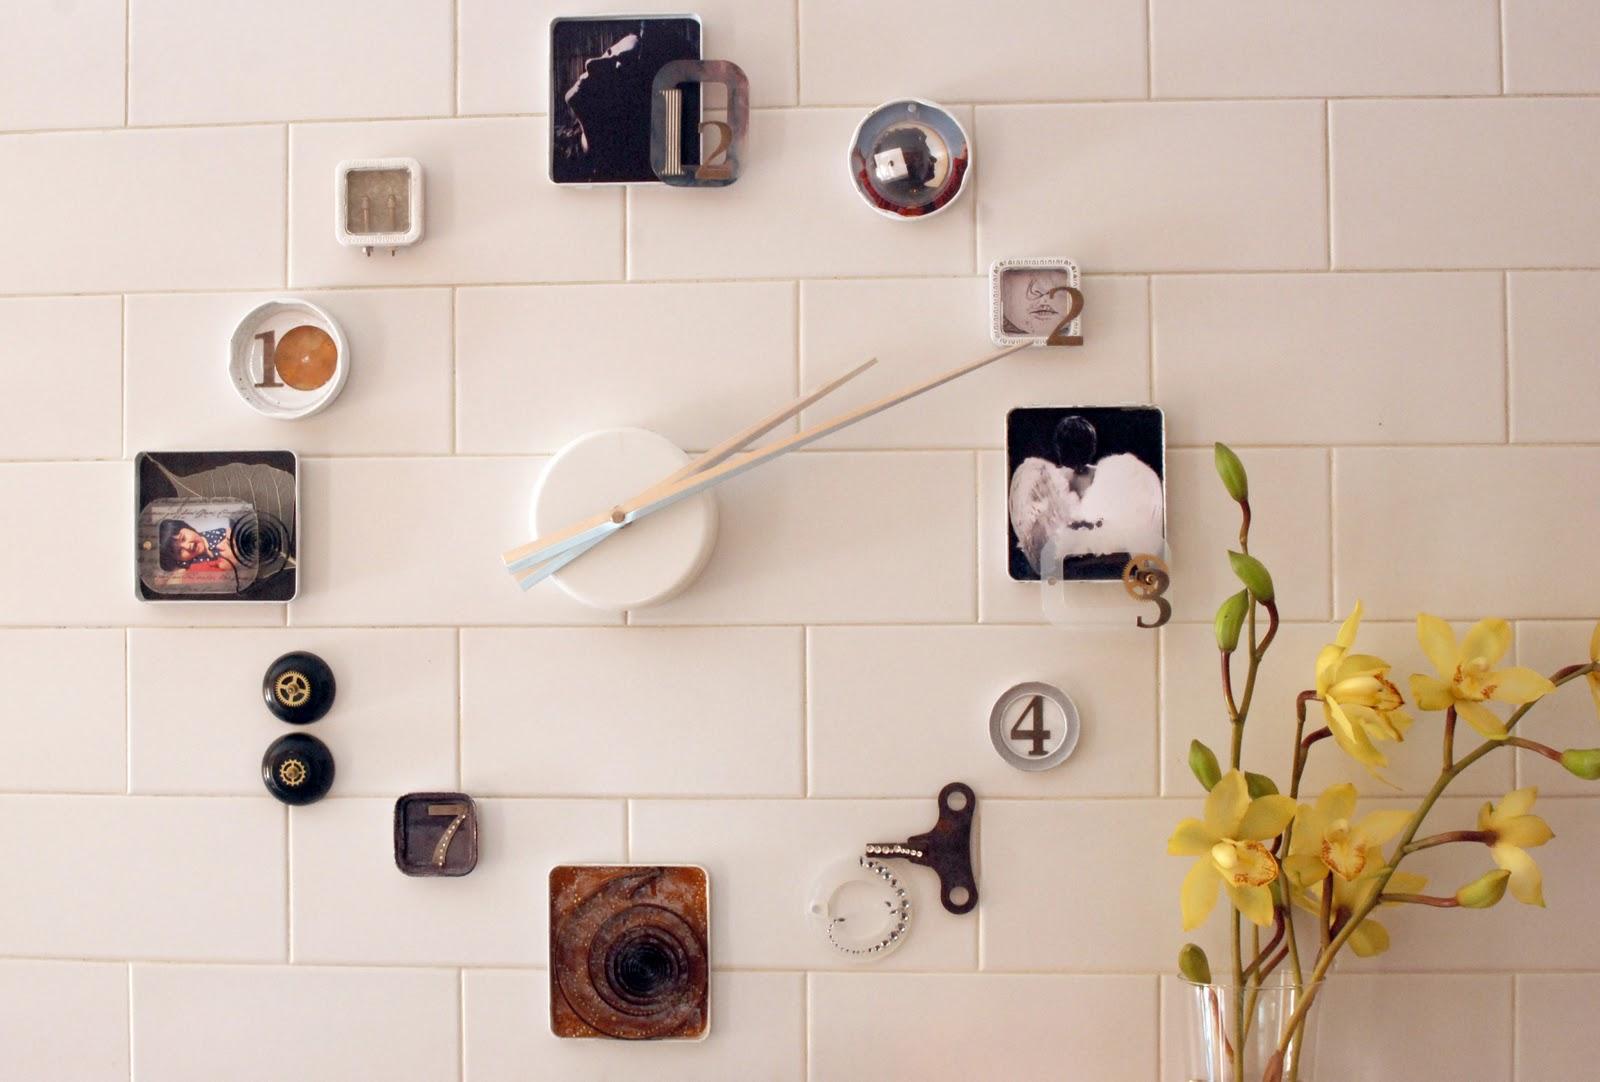 Ideias Para Reciclar E Decorar Com Objetos Velhos Like3za -> Como Decorar Parede De Sala Com Material Reciclados